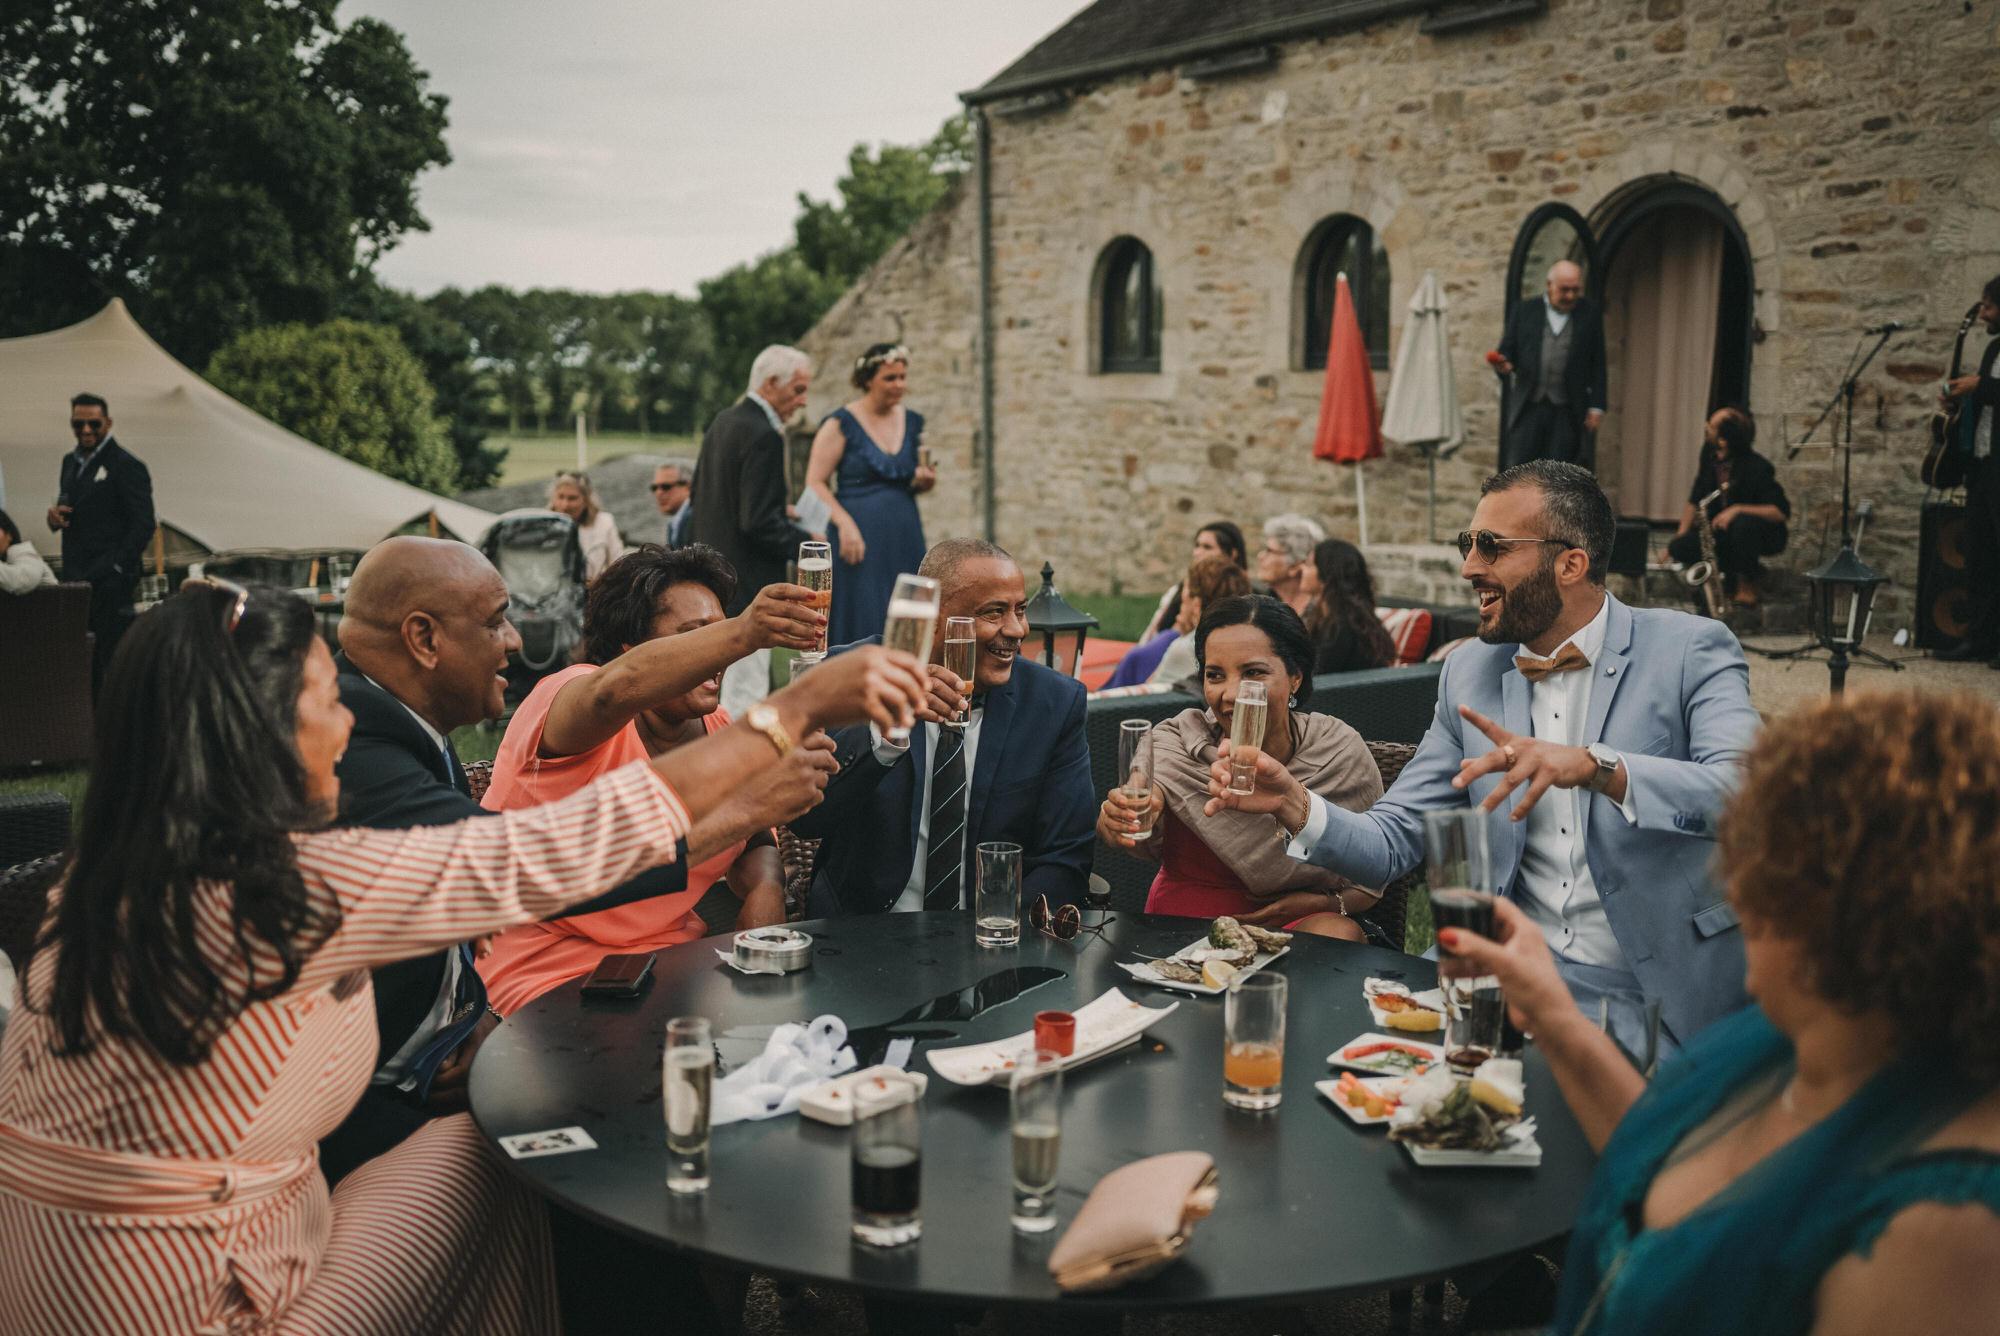 Photo De Mariage Au Manoir De Kerhuel A Plouneour Lanvern De Perle Danilson Par Antoine Borzeix 999, Photographe & Videaste à Brest / Finistère